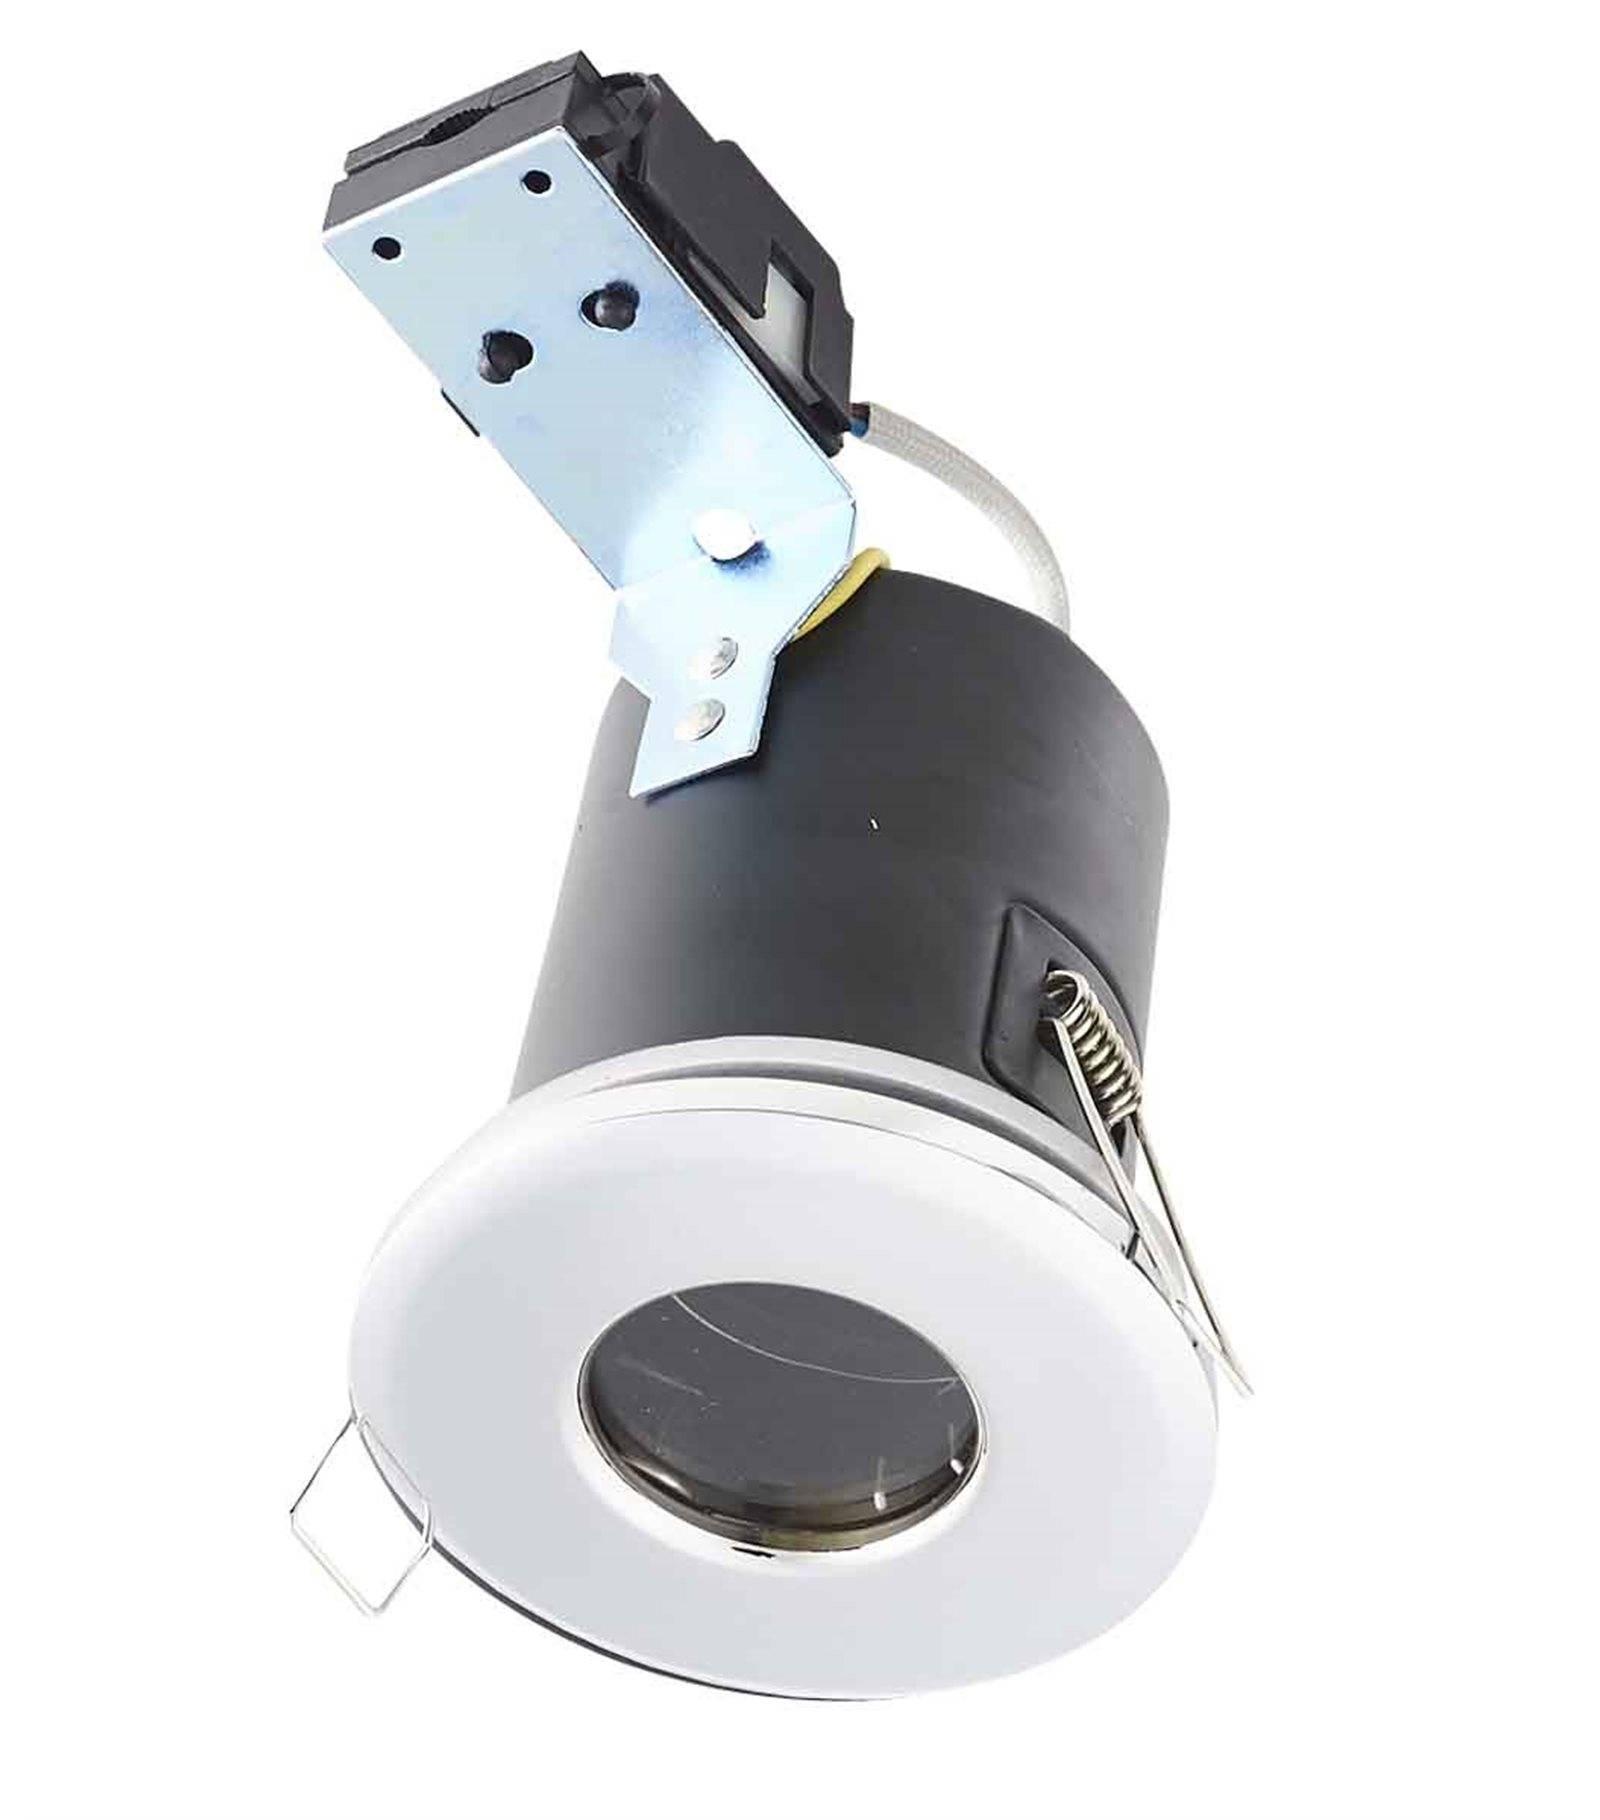 Spot faux plafond isol et cache moineaux chrome bastia gu10 ip65 ext rieur hipow etanche - Spot salle de bain etanche ip65 ...